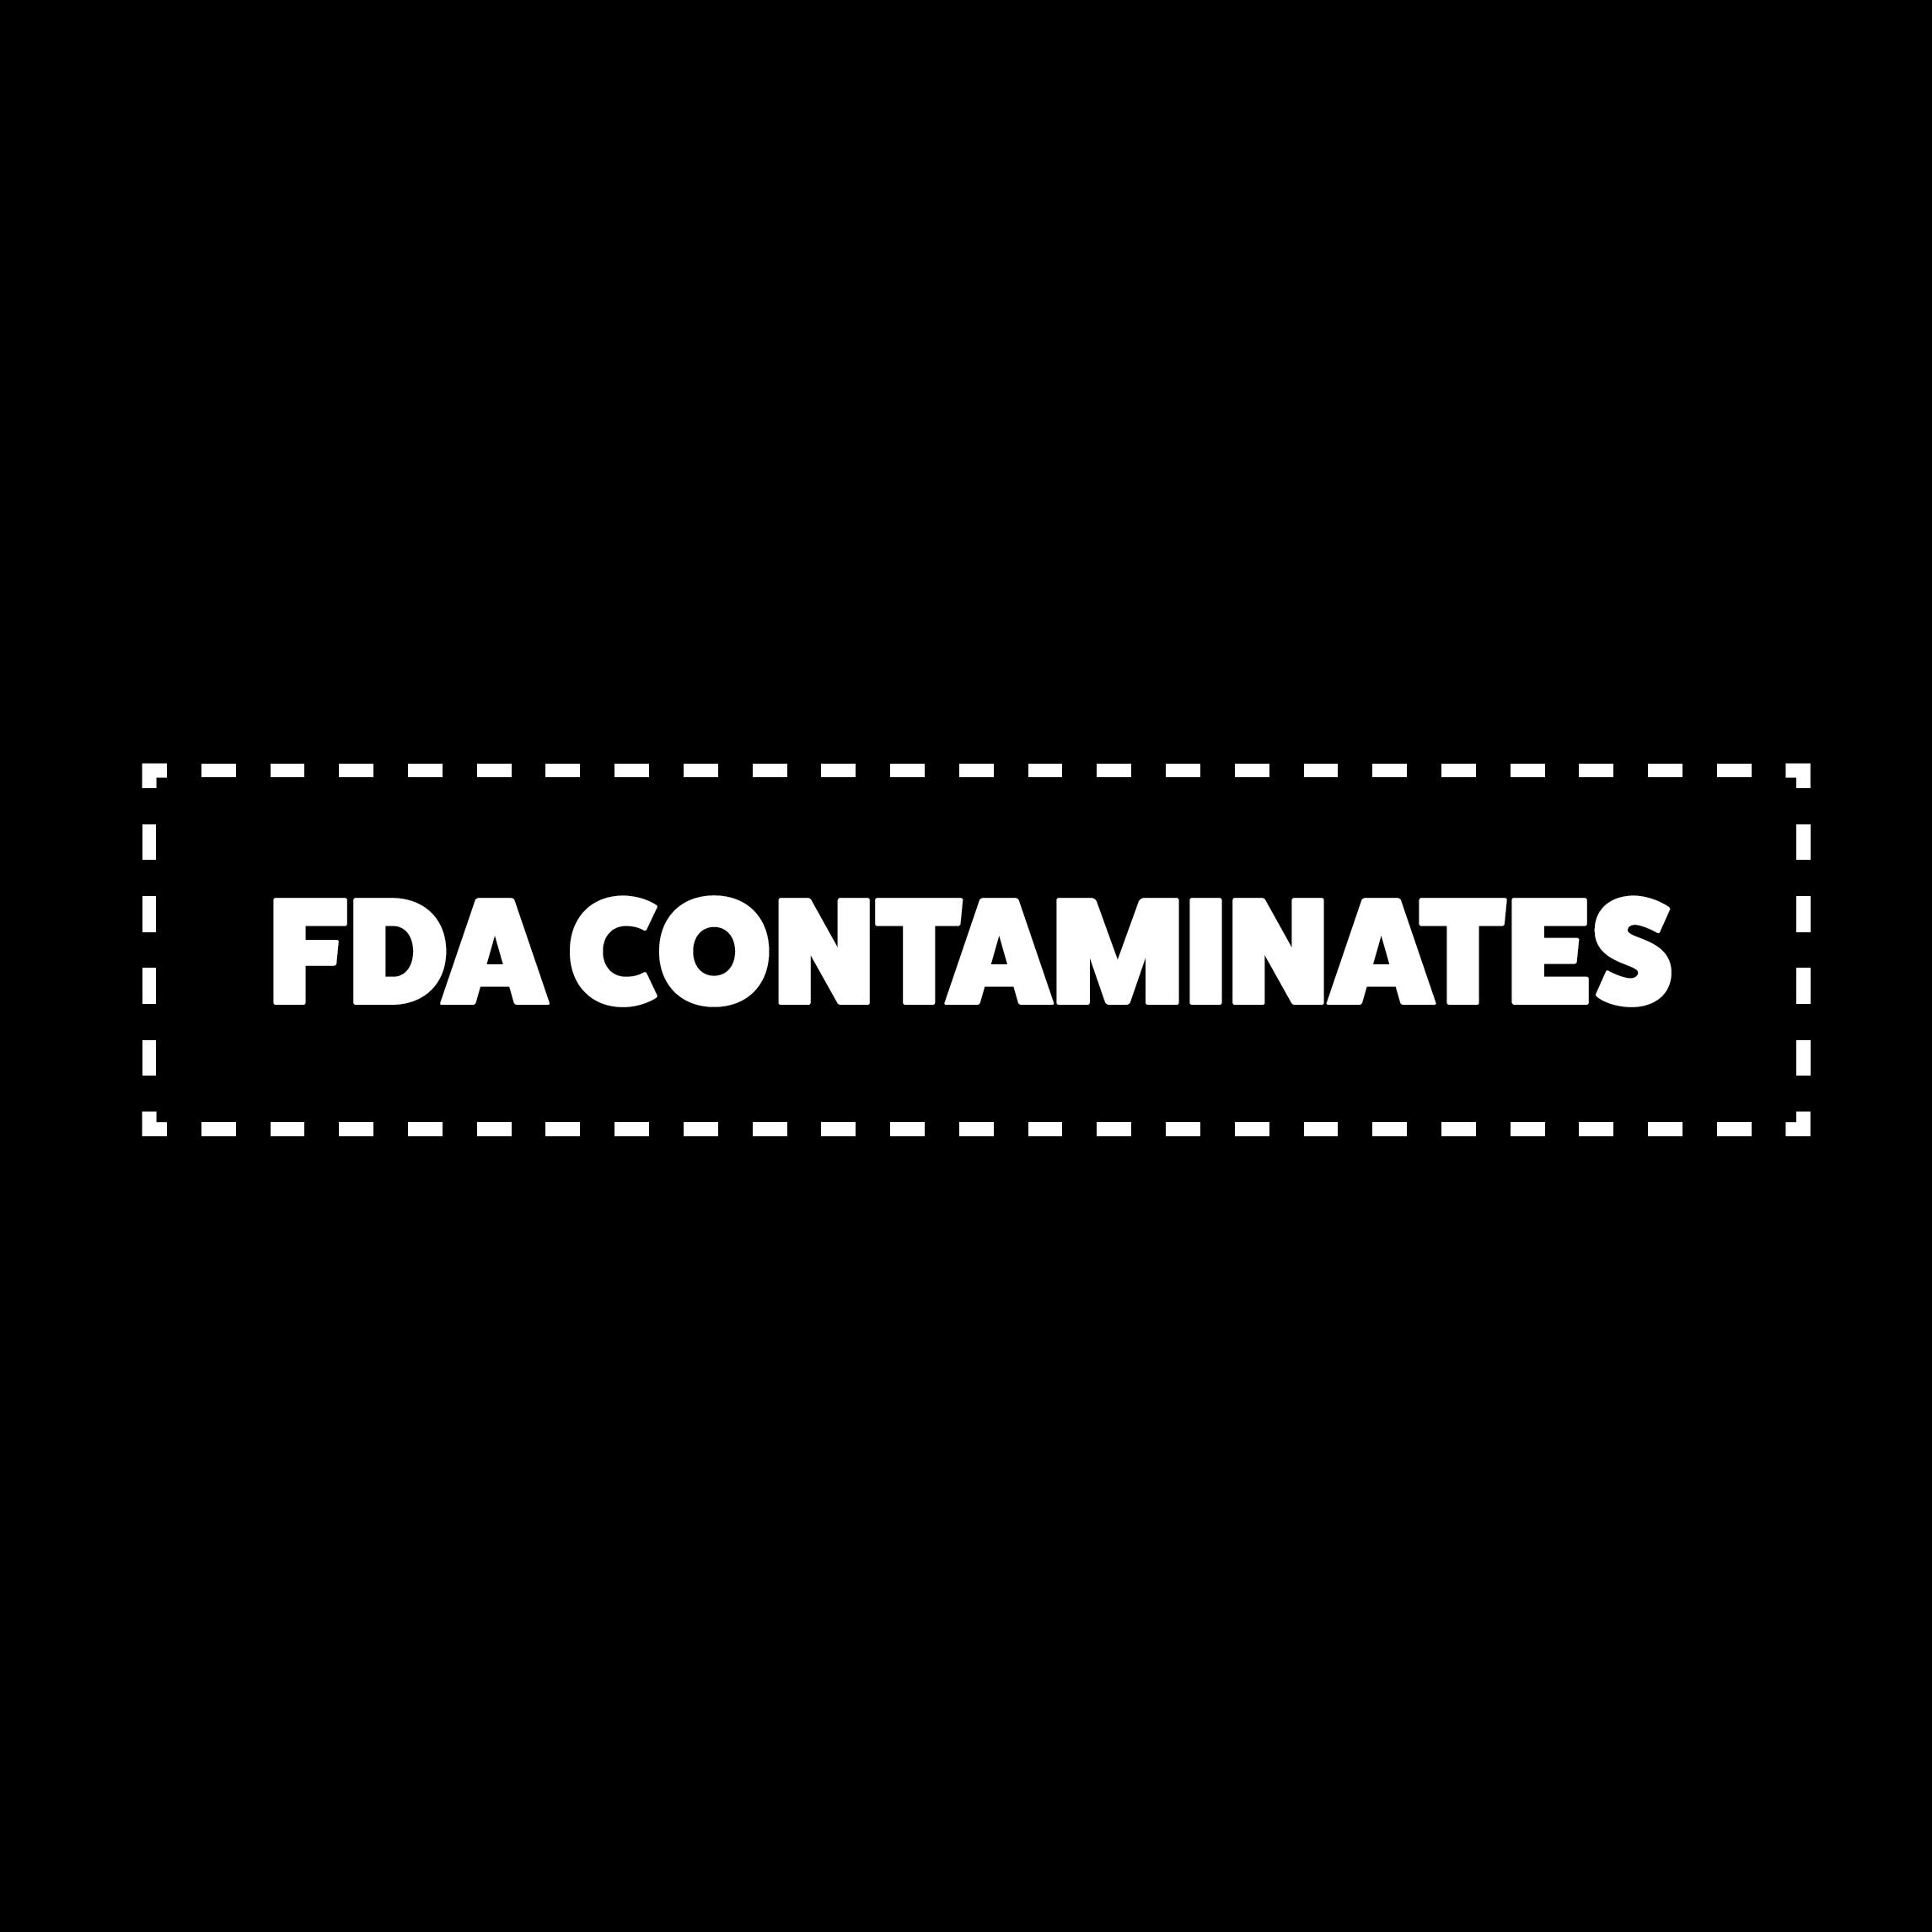 <i>FDA Contaminates</i>